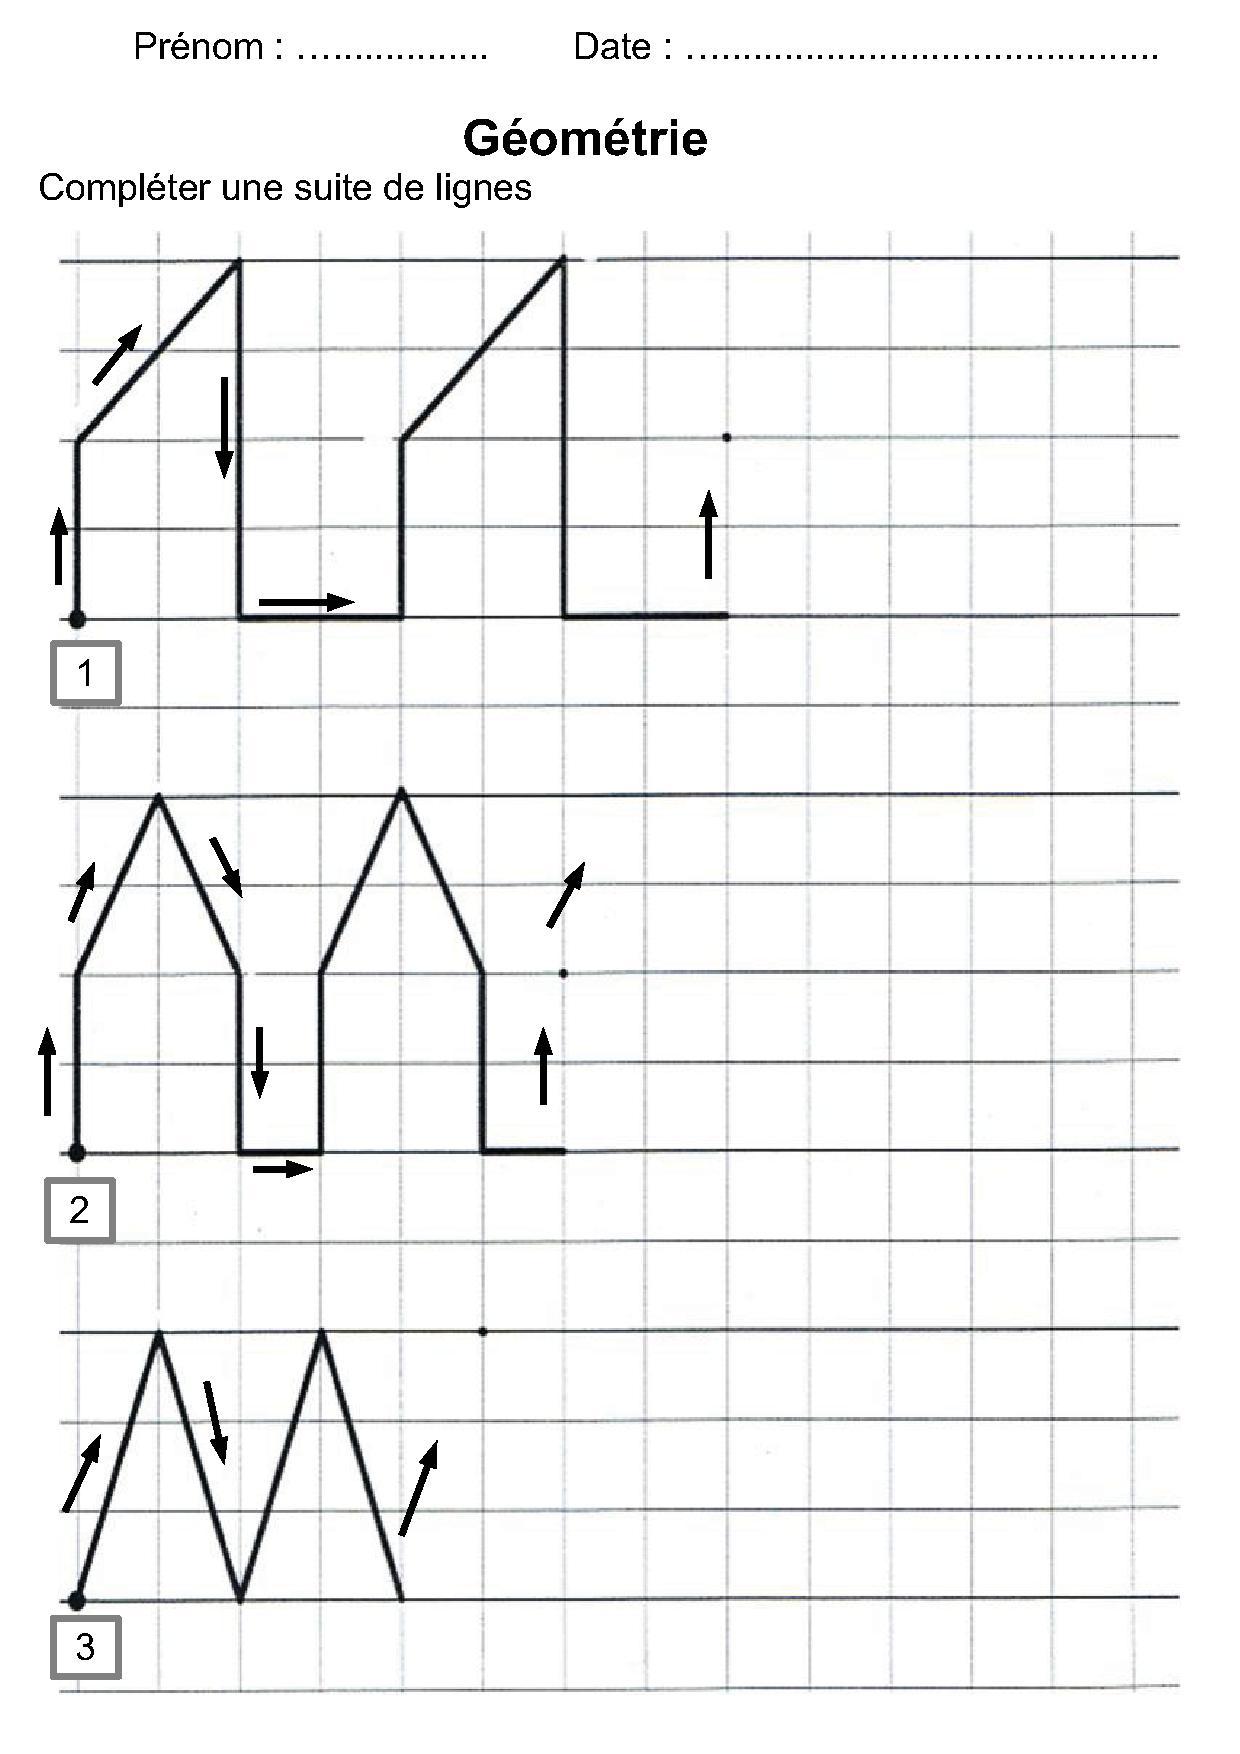 Géométrie Ce1,ce2,la Symétrie,reproduire Une Figure concernant Dessin Géométrique Ce2